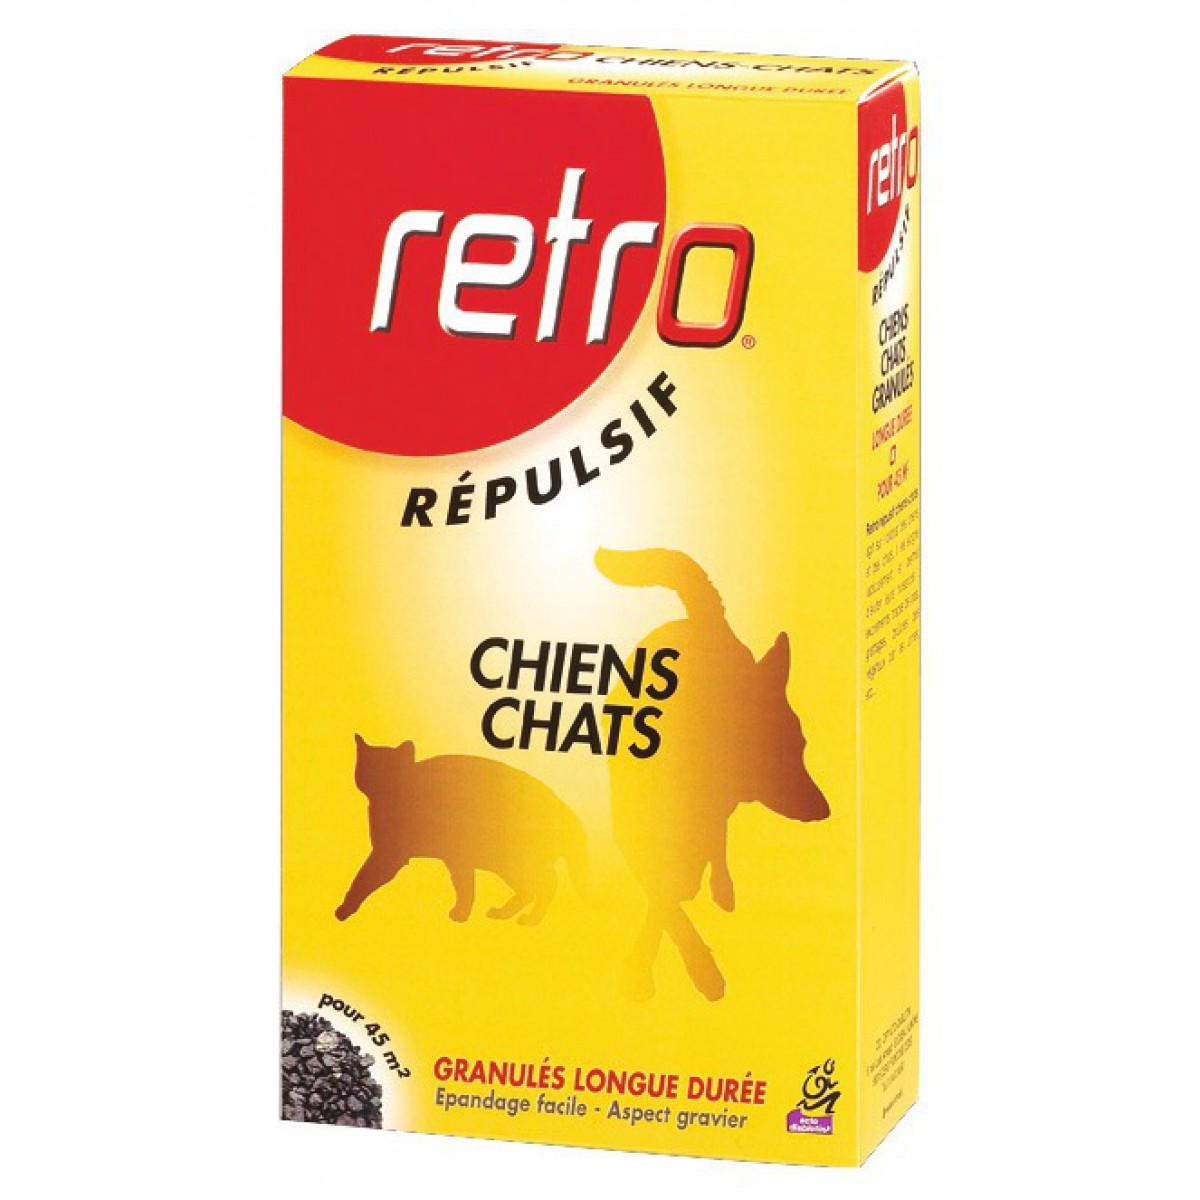 Bruit Griffe Chien Parquet répulsif chien-chat en granulés retro - etui 400 g